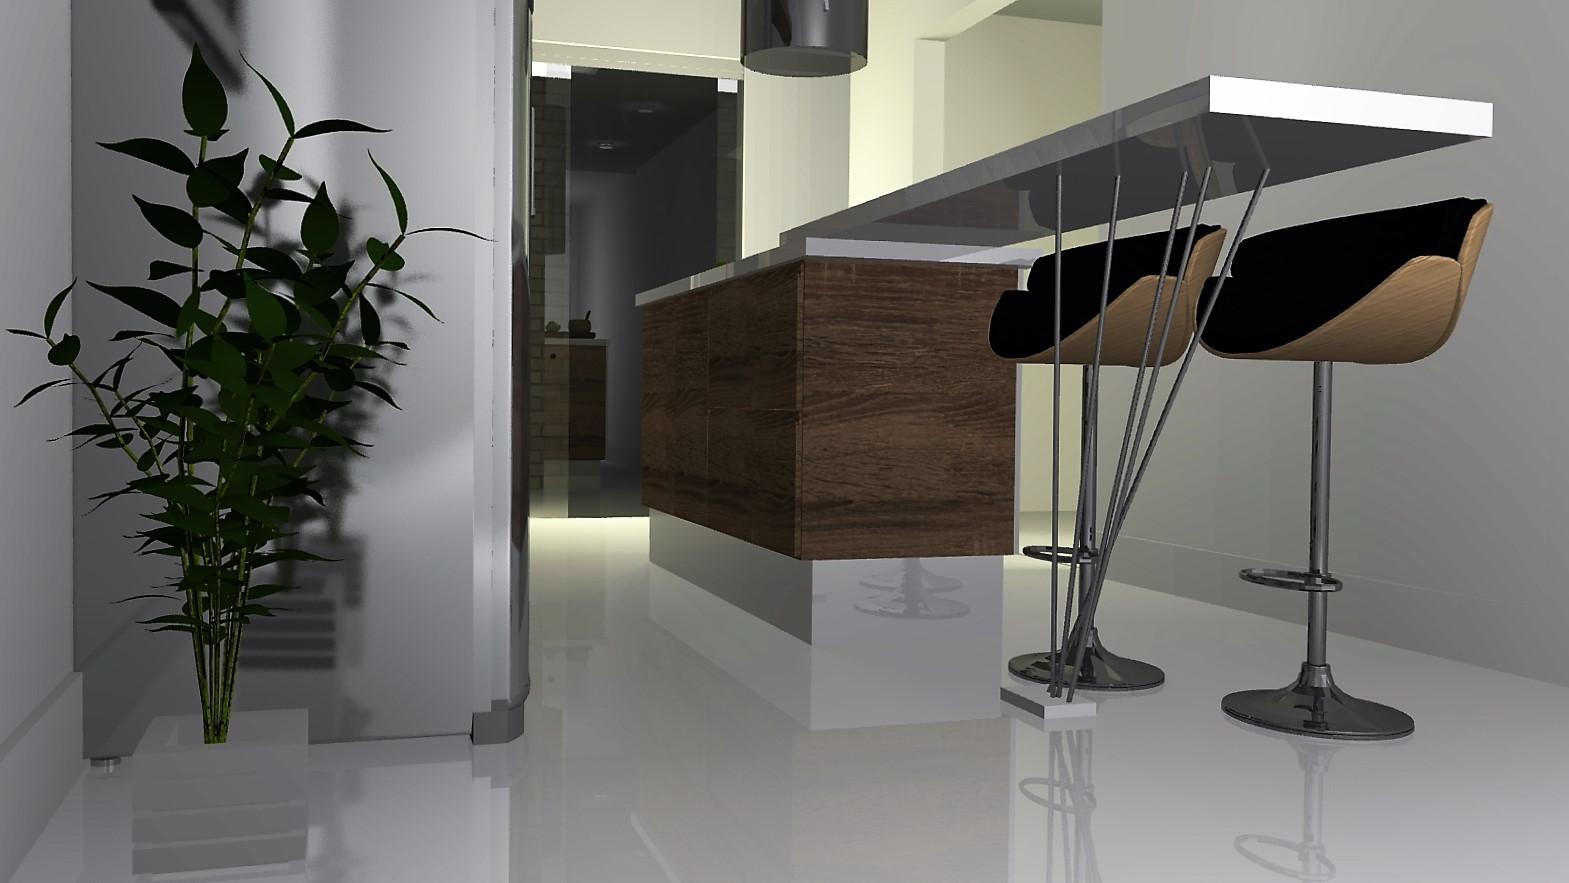 de interiores em Curitiba Projetos completos móveis iluminação #5E4E3E 1569 883